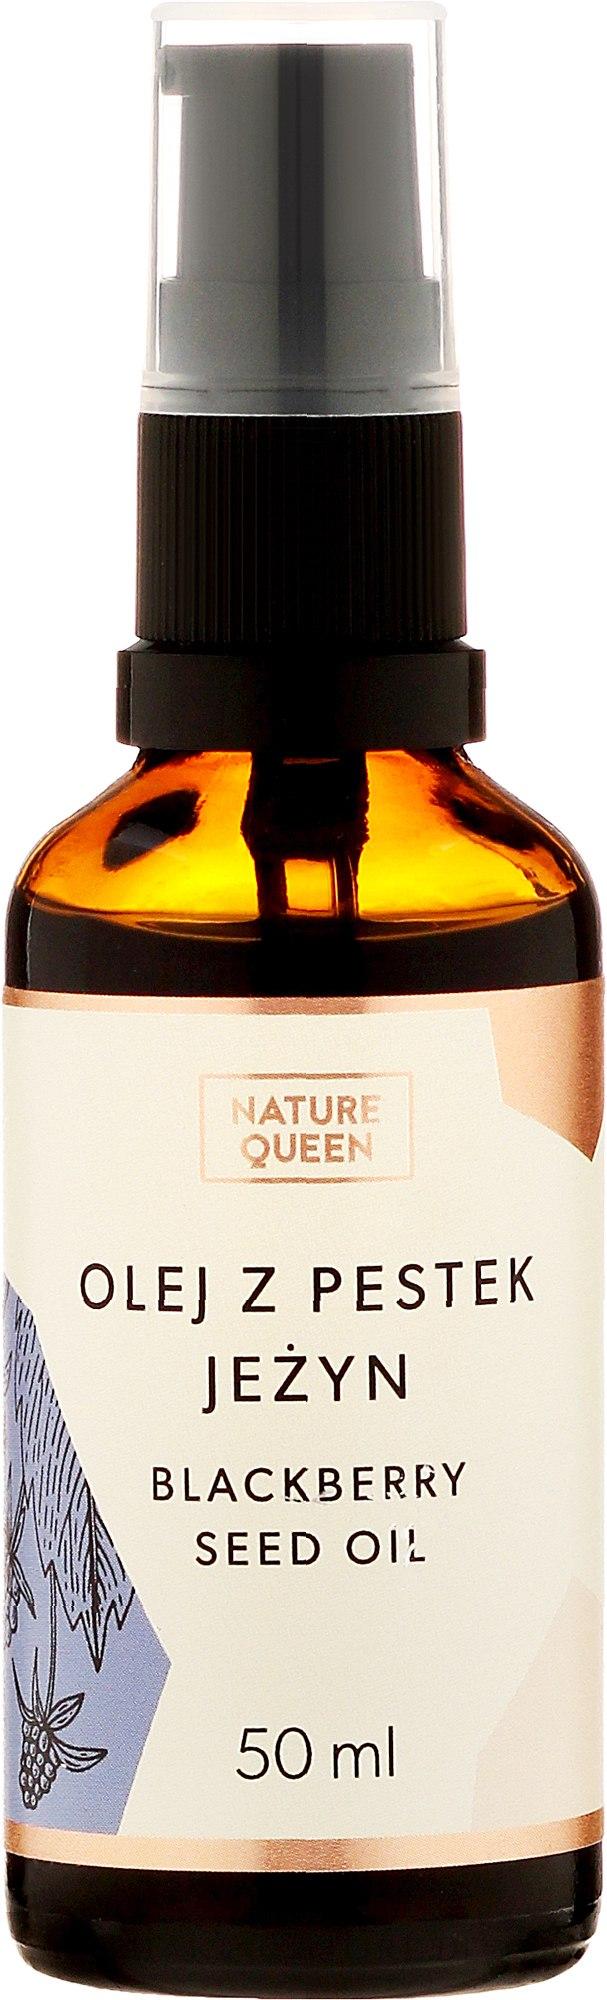 Brombeersamenöl - Nature Queen Blackberry Seed Oil — Bild 50 ml